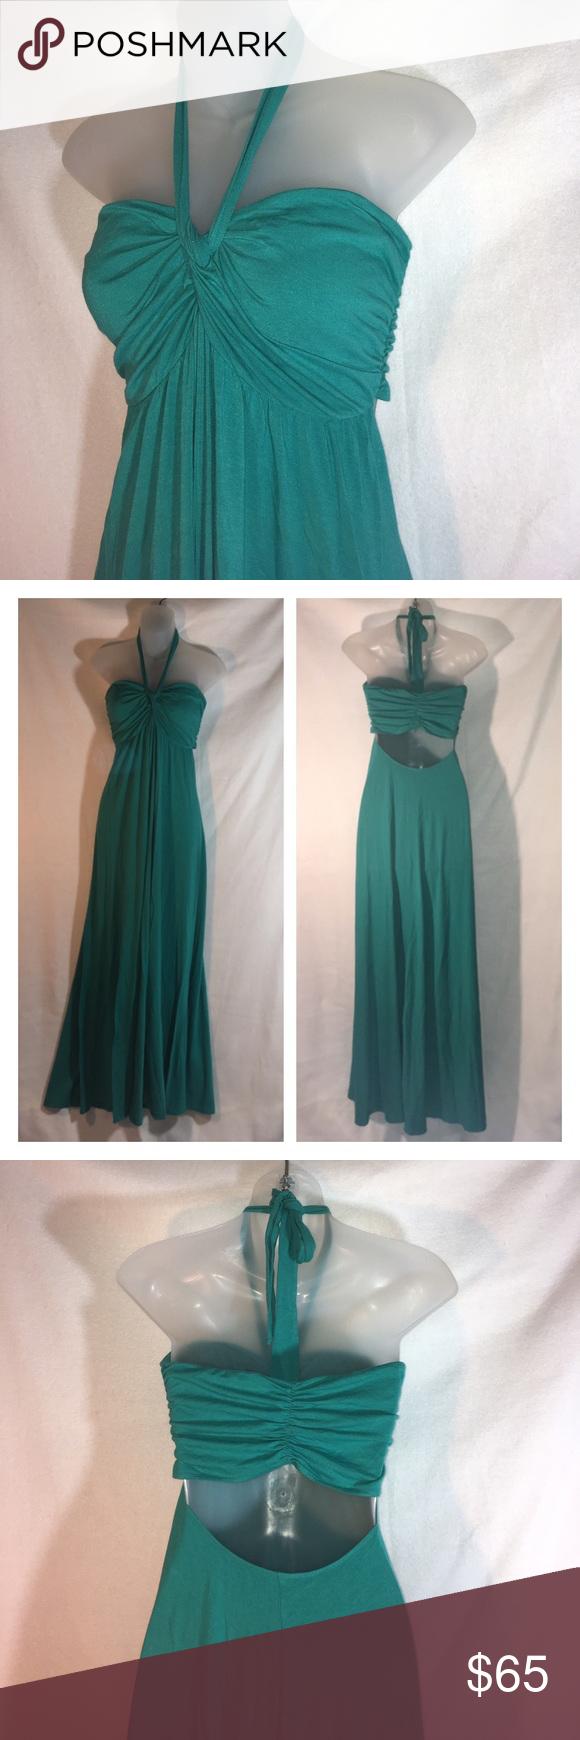 Victoria S Secret Bra Top Open Back Maxi Beautiful Maxi Dresses Fashion Clothes Design [ 1740 x 580 Pixel ]